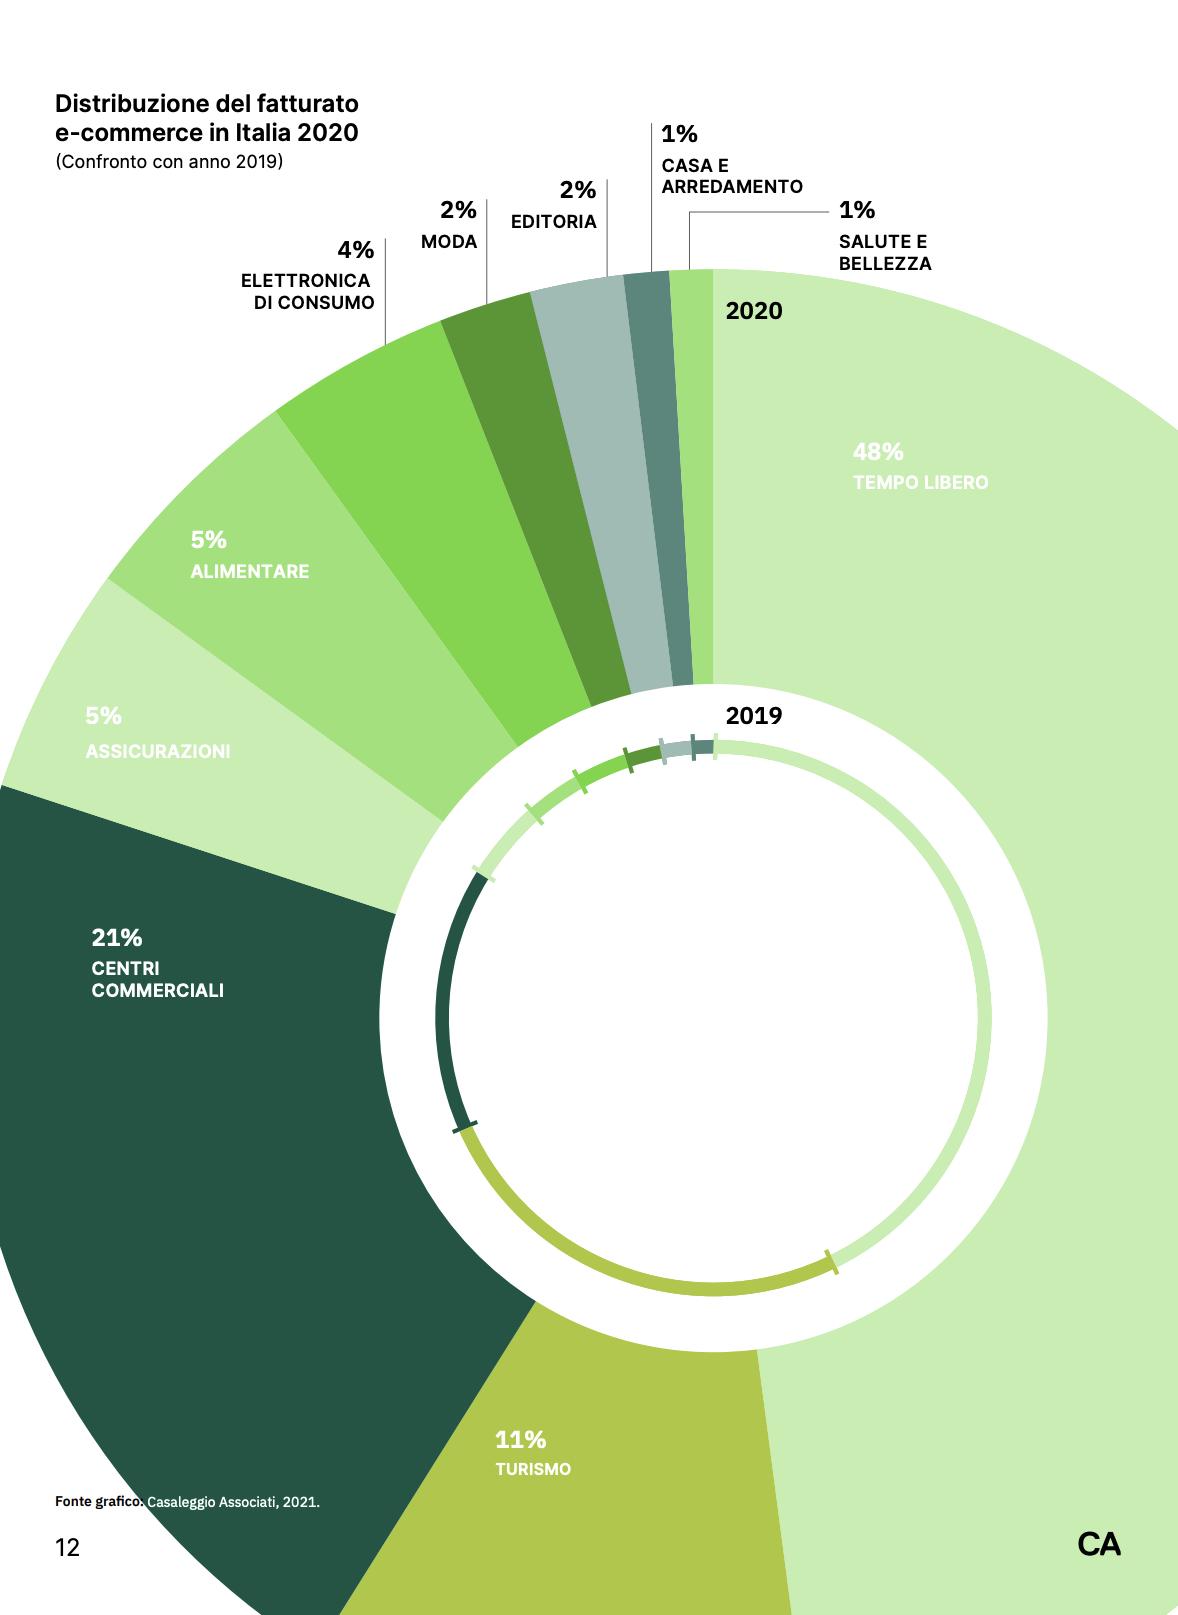 La distribuzione del fatturato dell'Ecommerce in Italia